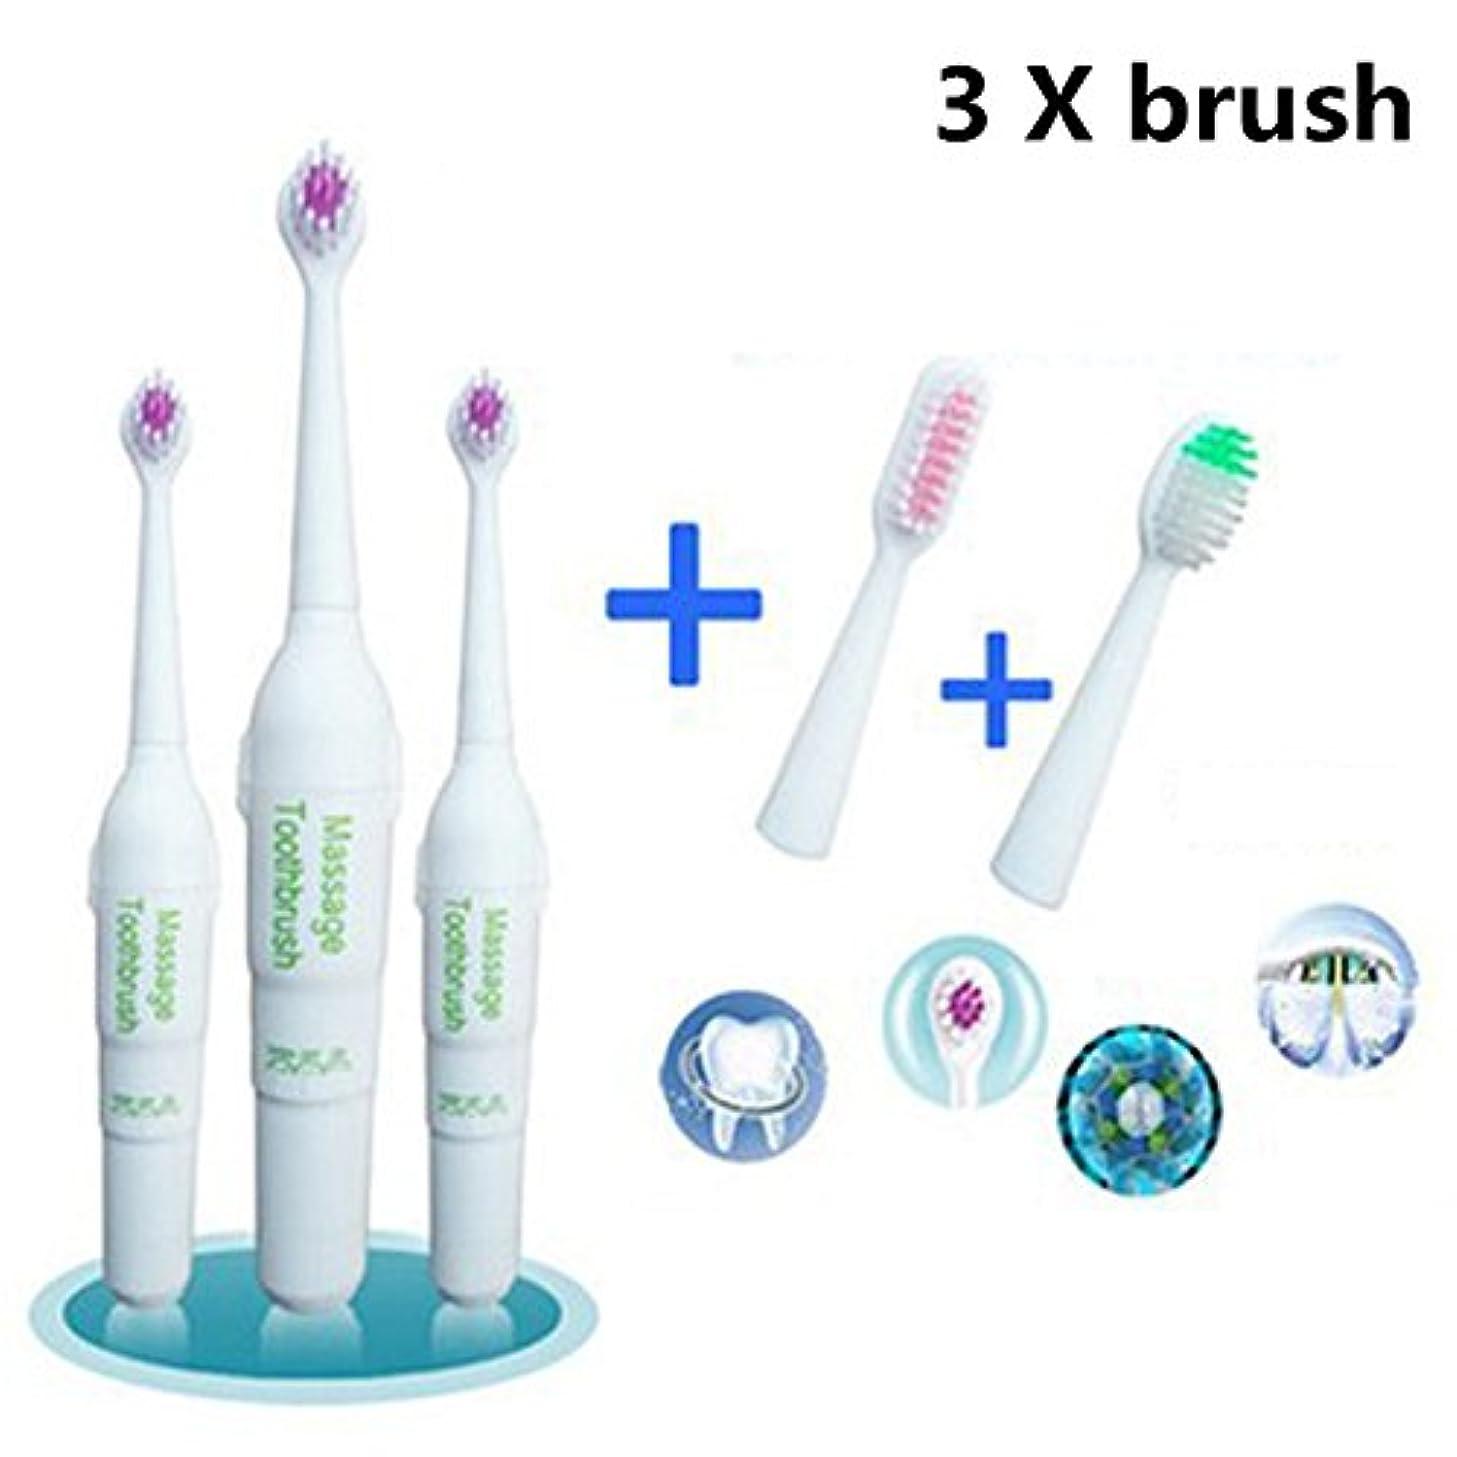 絶対の割り当て準備ができてRaiFu 電動歯ブラシ ロータリー ノンスリップ 防水 2つの余分なヘッドブラシ キッズ 大人